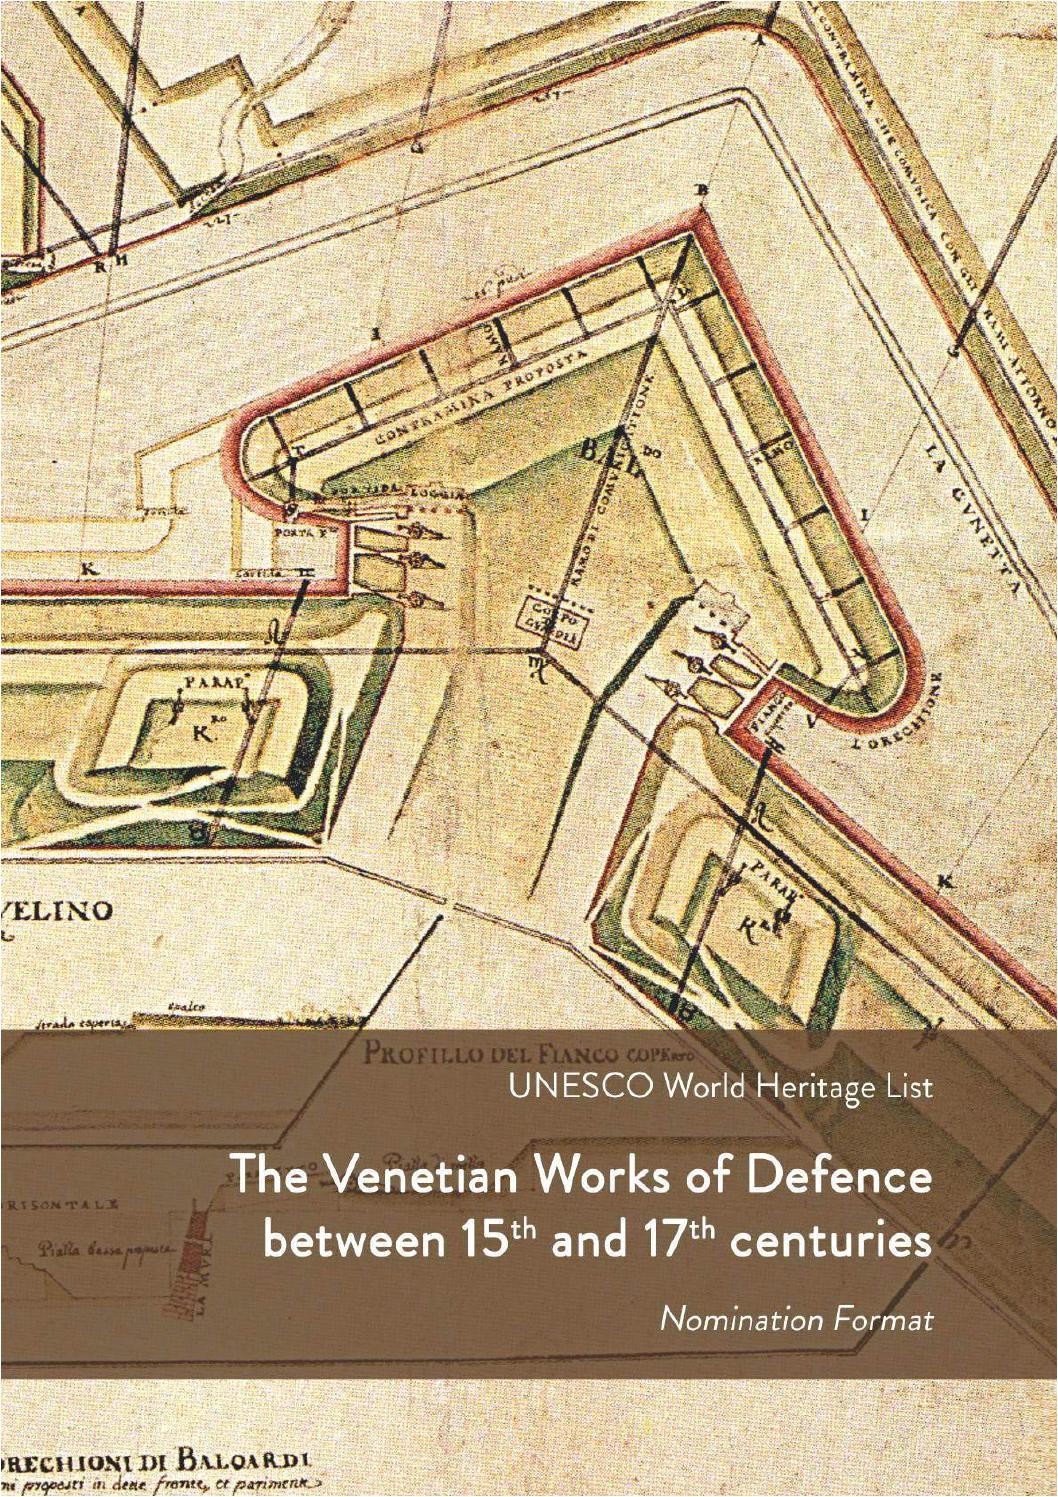 il dossier di candidatura unesco dei sistemi di difesa veneziani tra il xv e il xvii secolo by comune di bergamo issuu